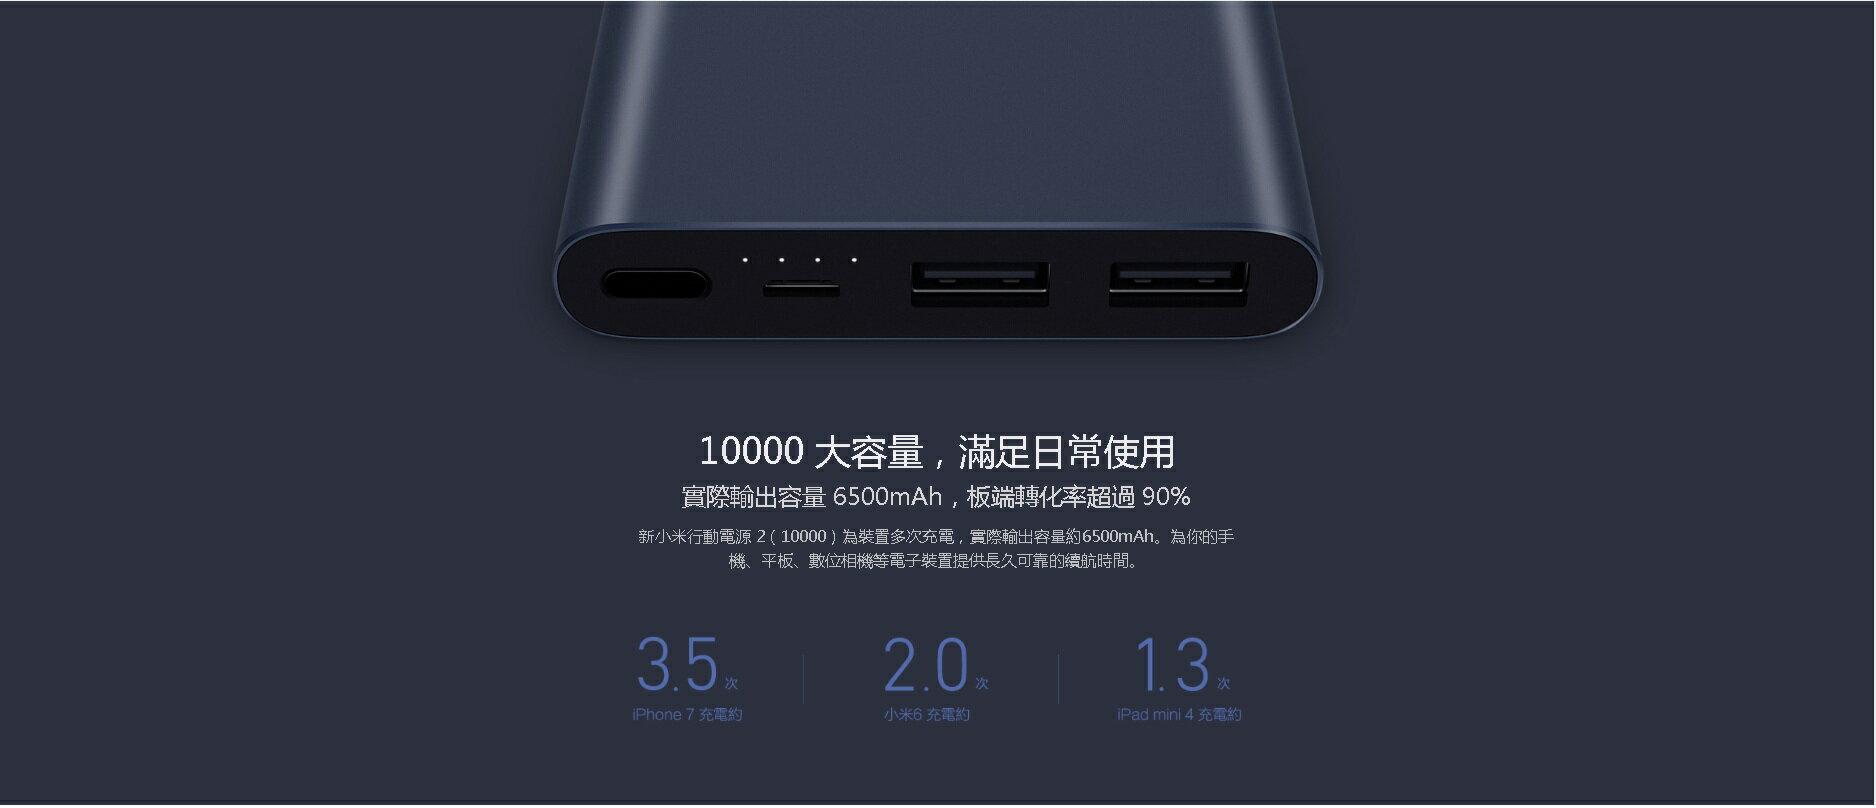 最新版 小米 行動電源 第2代 雙輸出 台灣官方代購 10000mAh 雙向快充 鋰聚合物電芯 鋁合金金屬外殼 正版 7